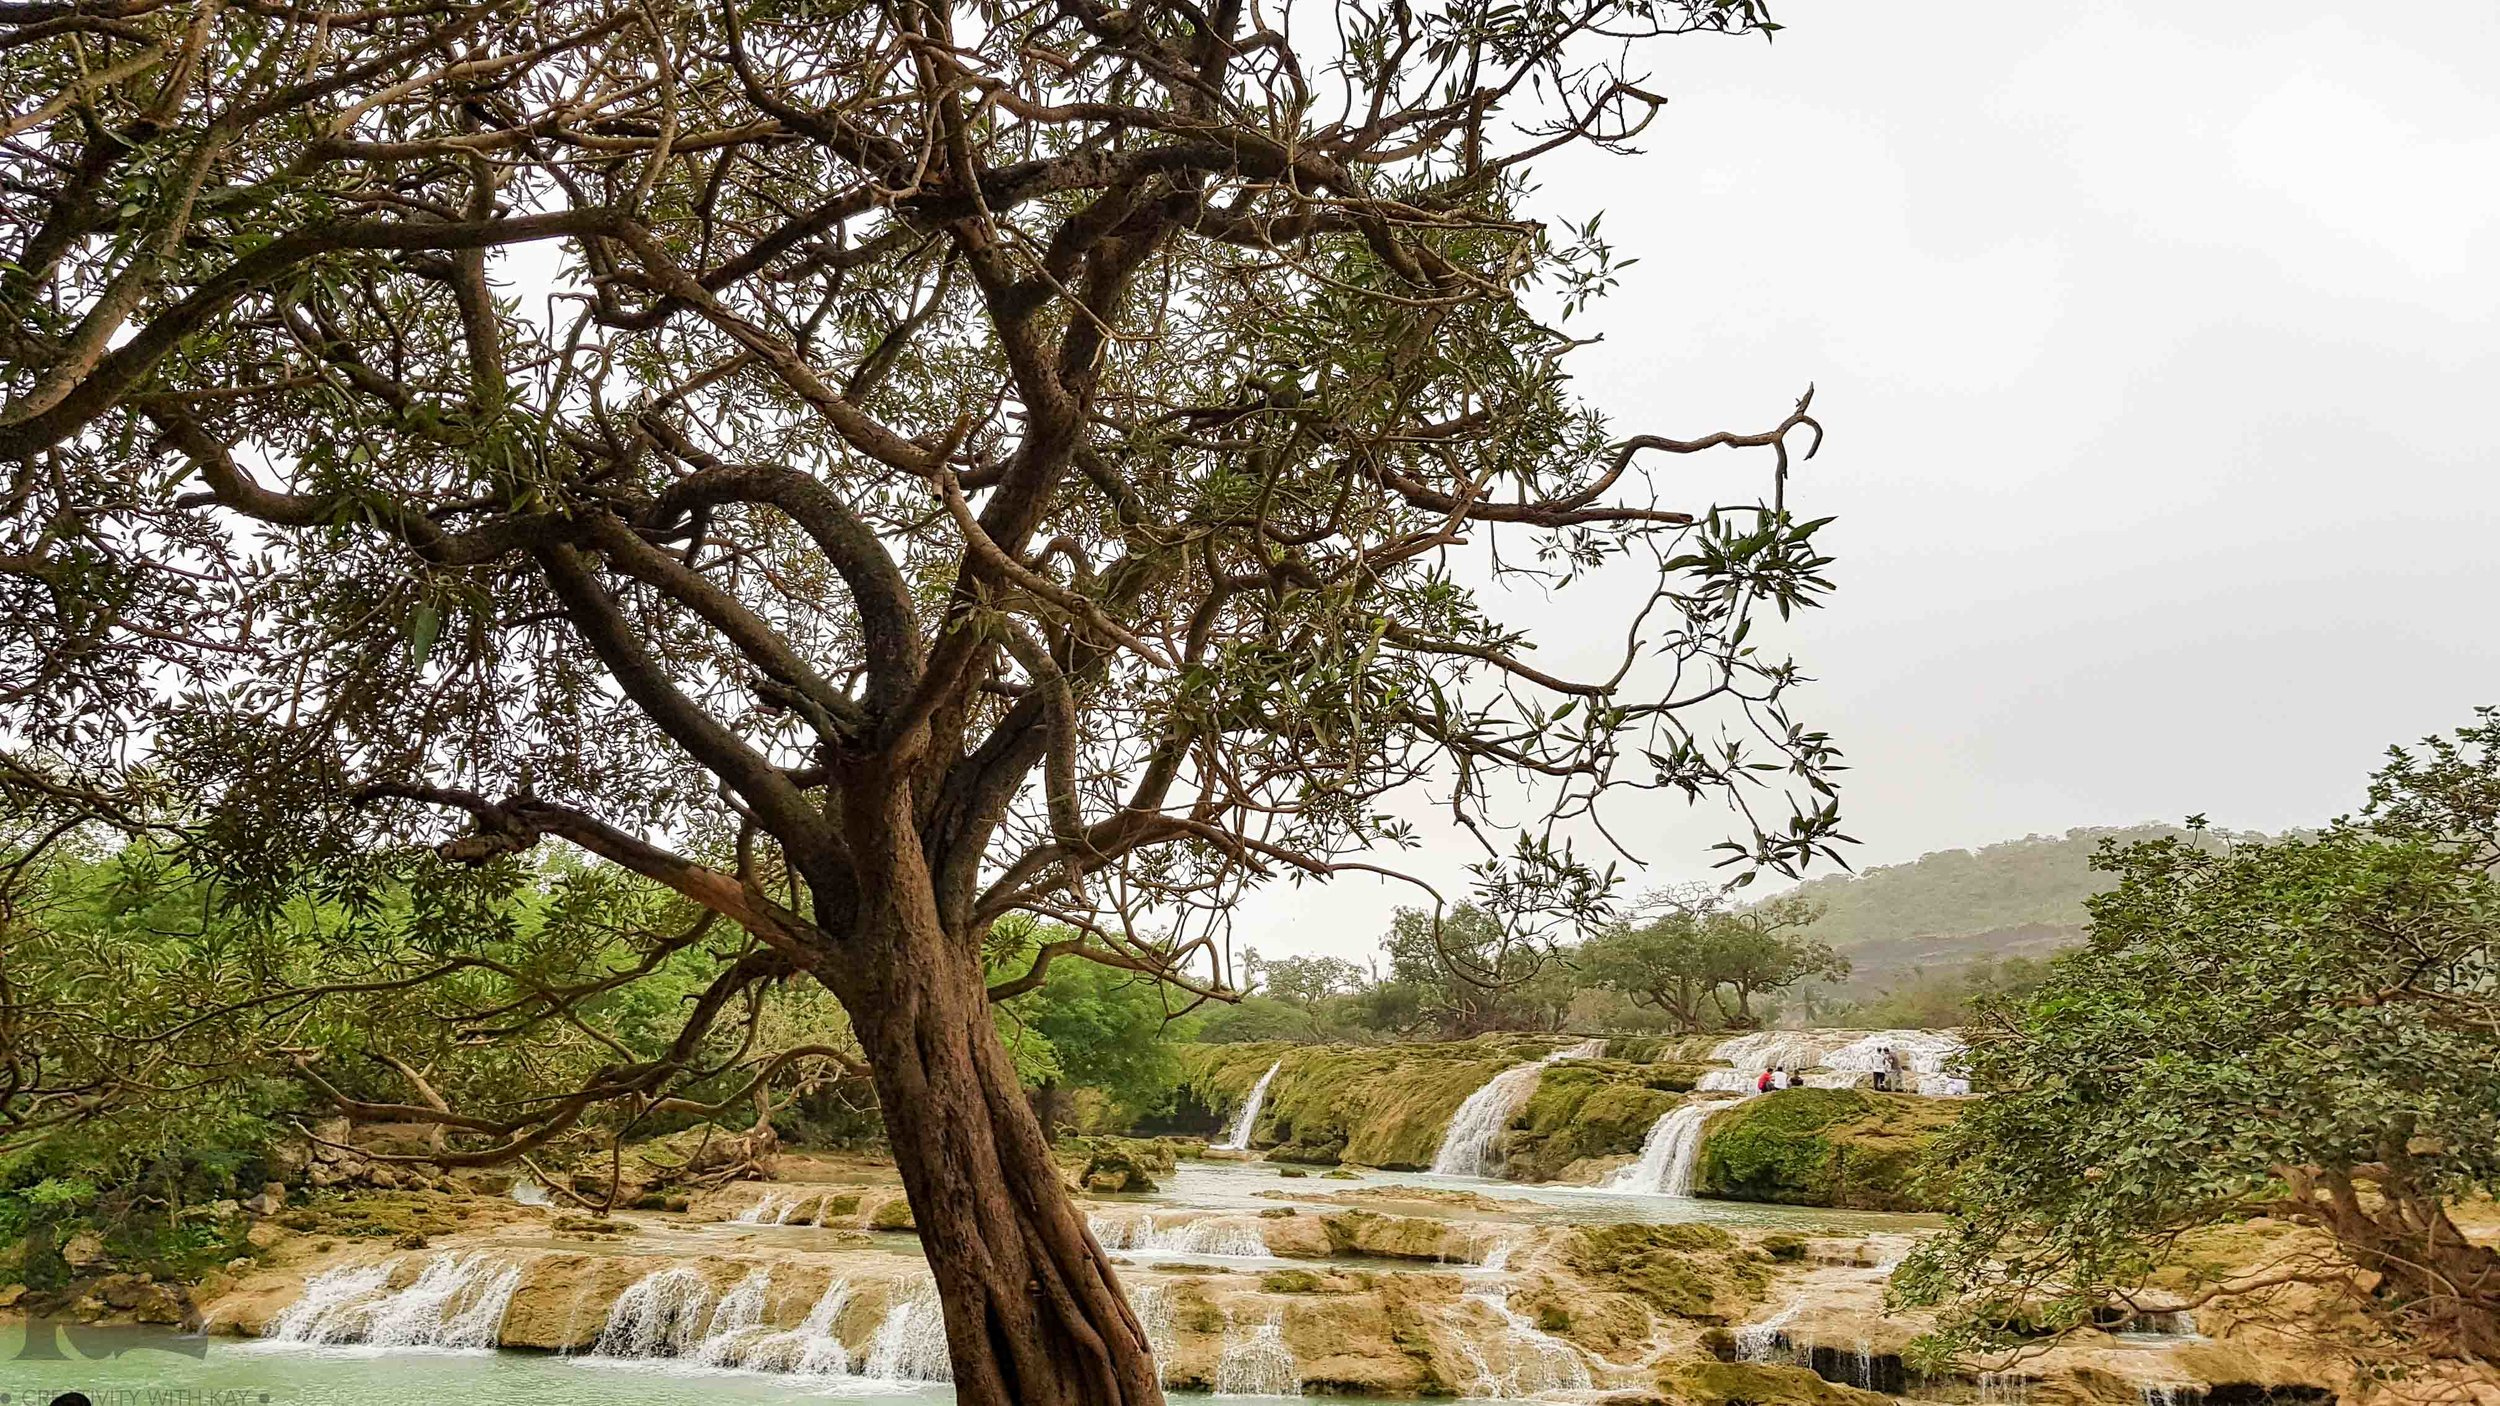 salalah-khareef-wadidarbat-falls.jpg